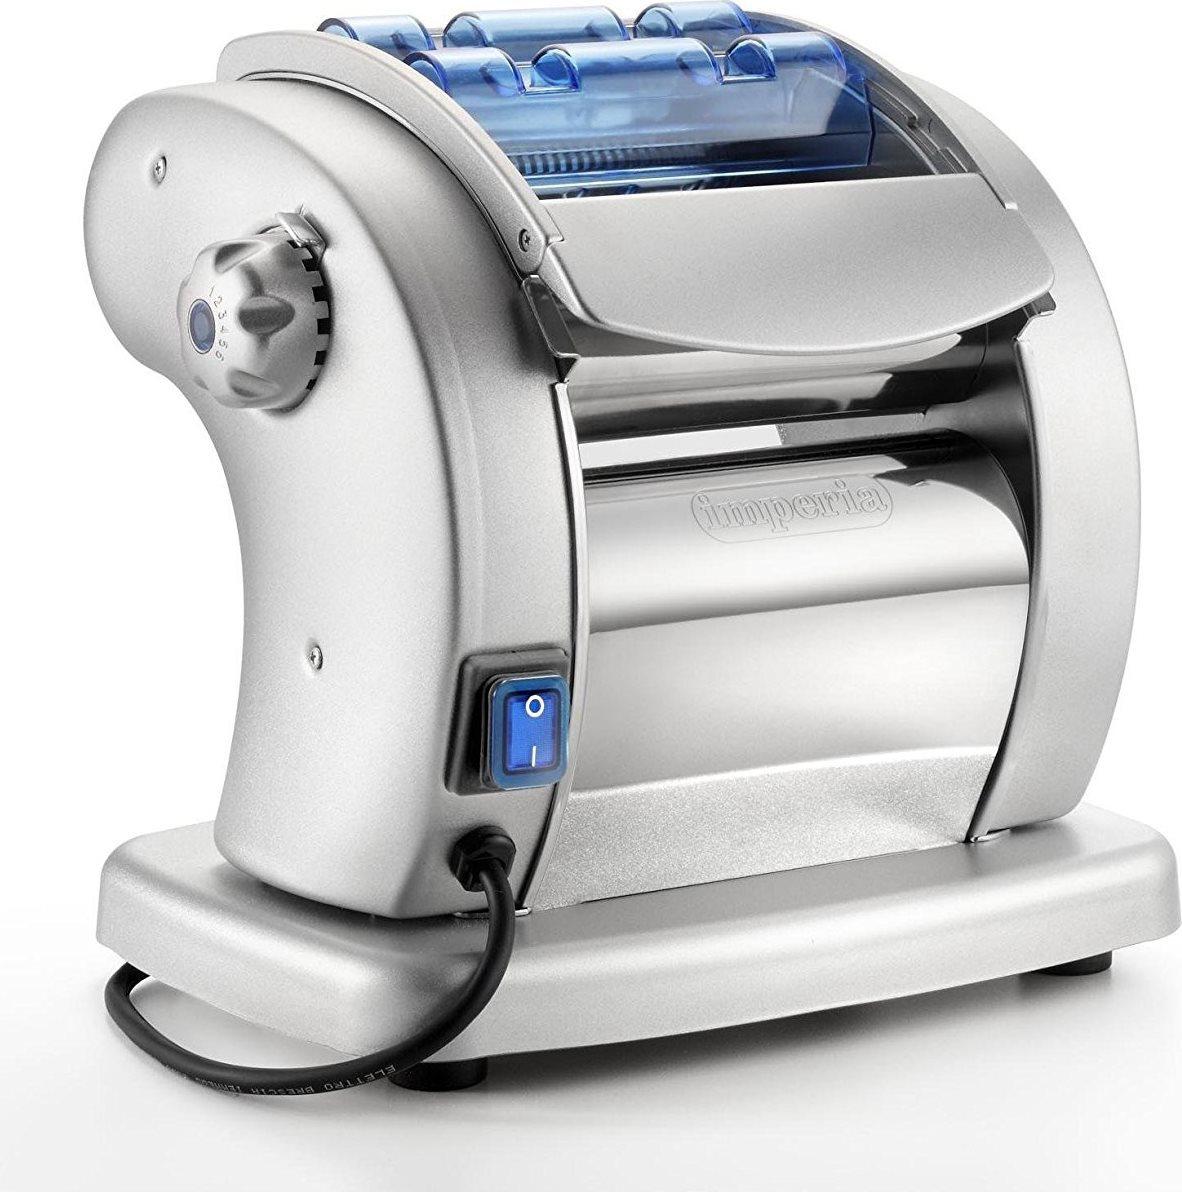 Imperia Pasta Presto 700 Macchina per la Pasta Elettrica PastaPresto Motor 700